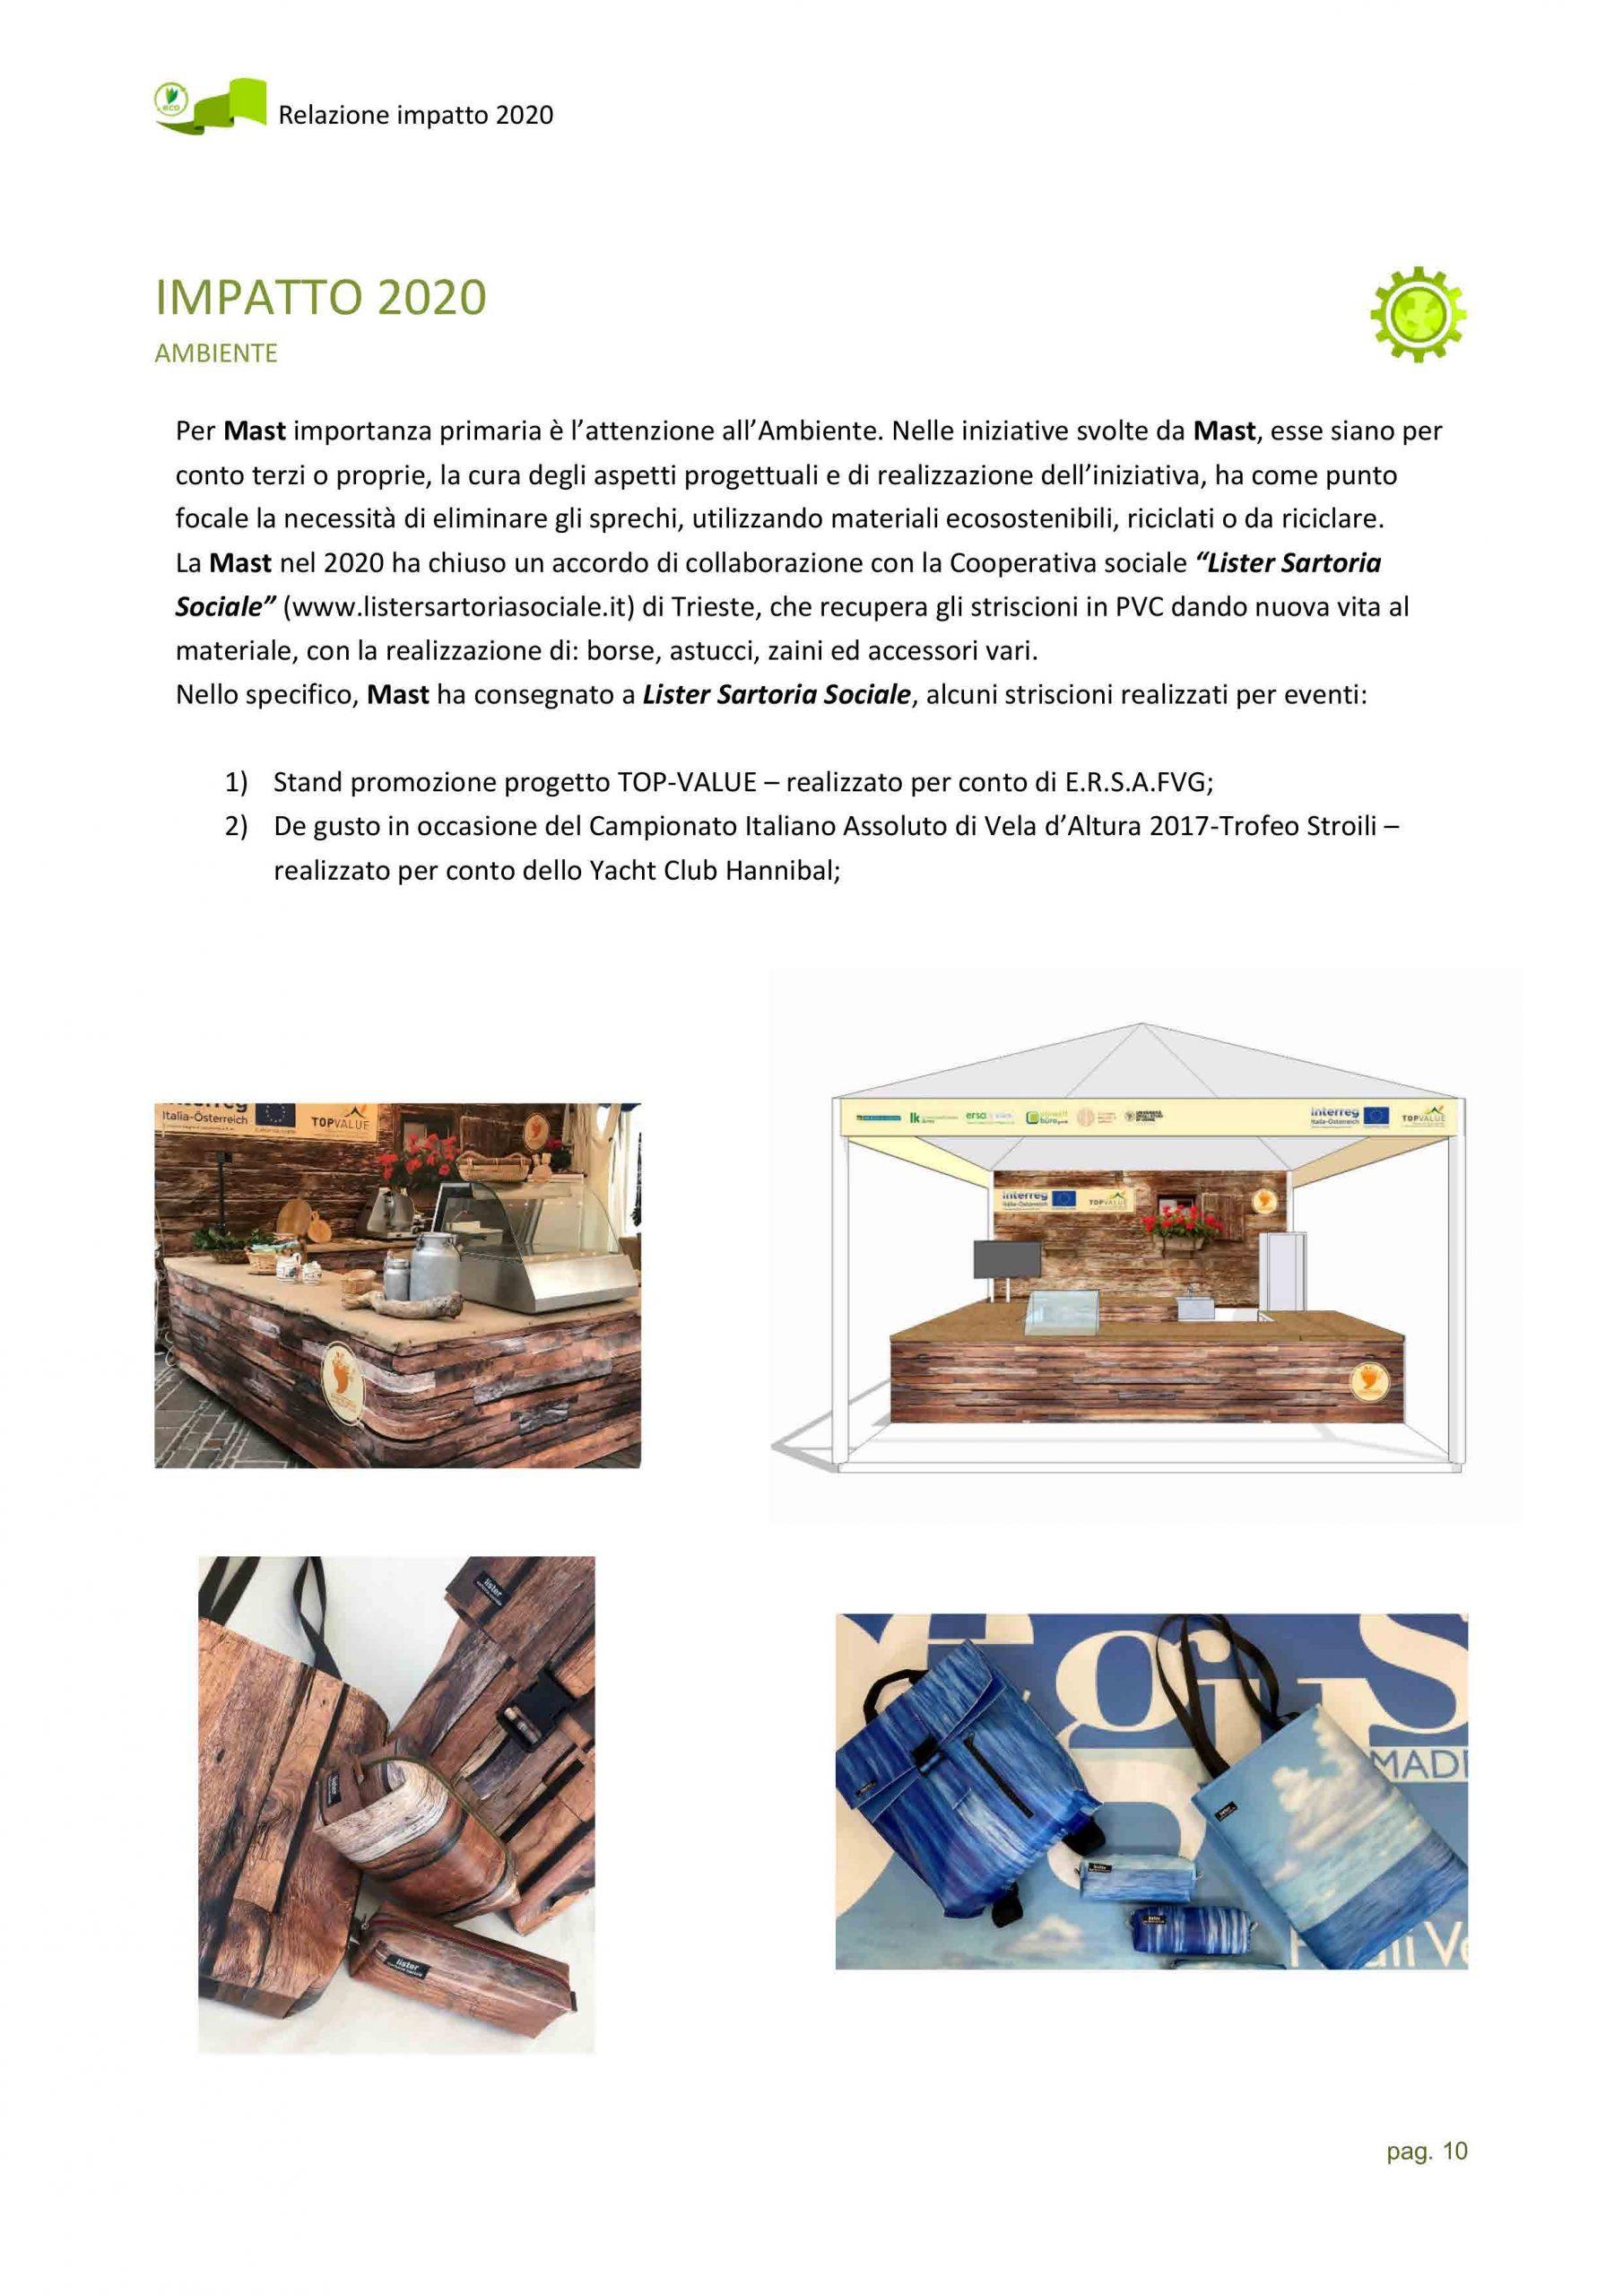 IMPATTO SOCIALE MAST BILANCIO 2020-bozza1_Pagina_11